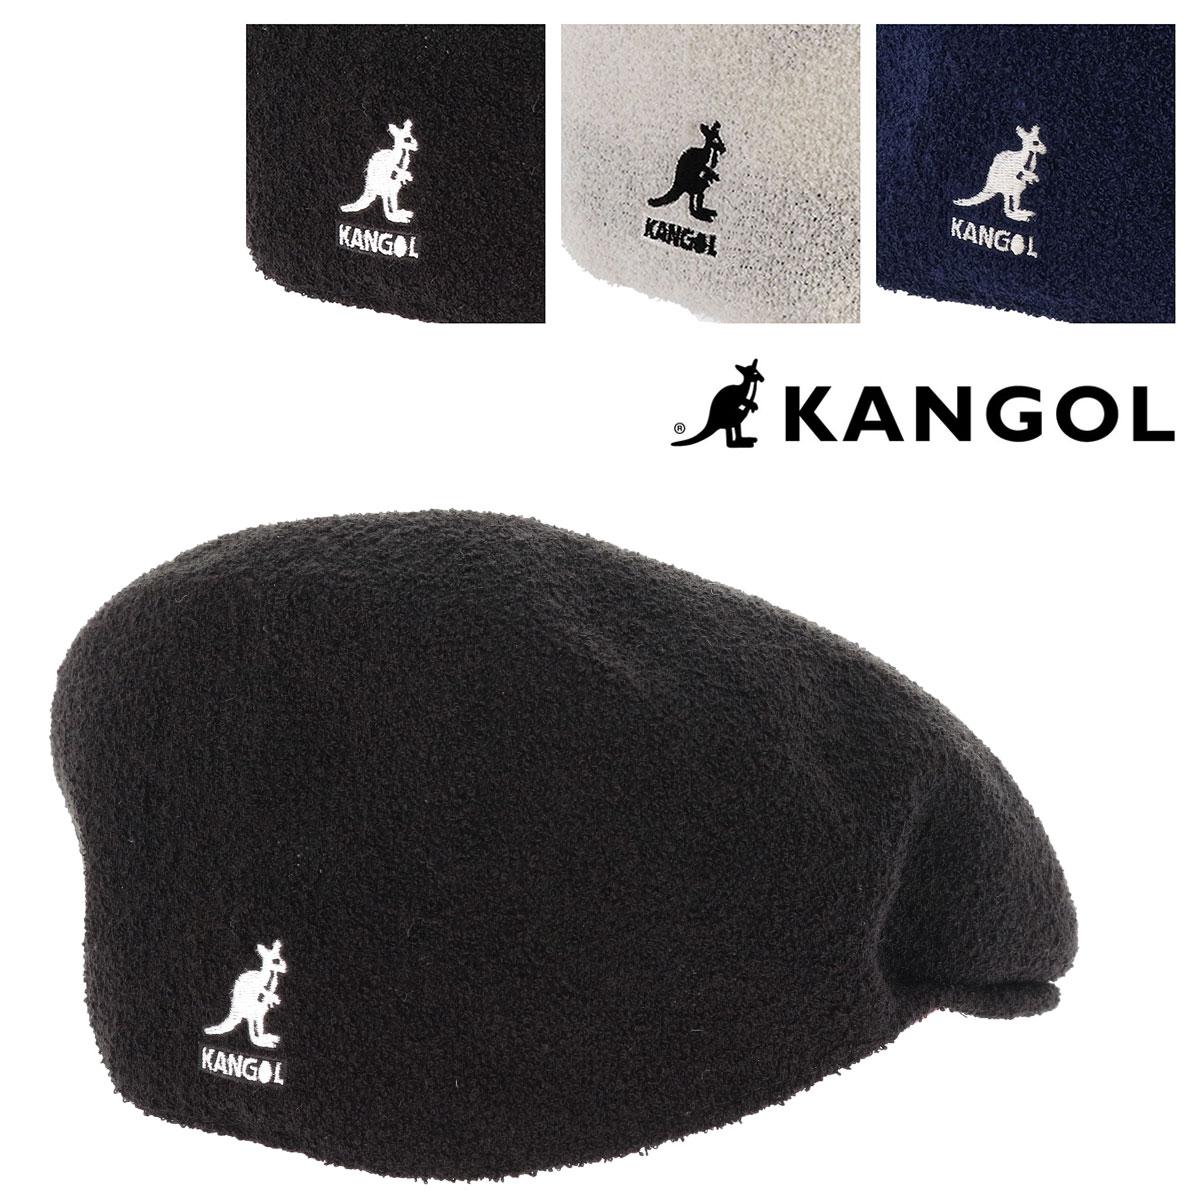 カンゴール ハンチング バミューダ 504 195169016 185169202 KANGOL 帽子 メンズ レディース[bef][即日発送]